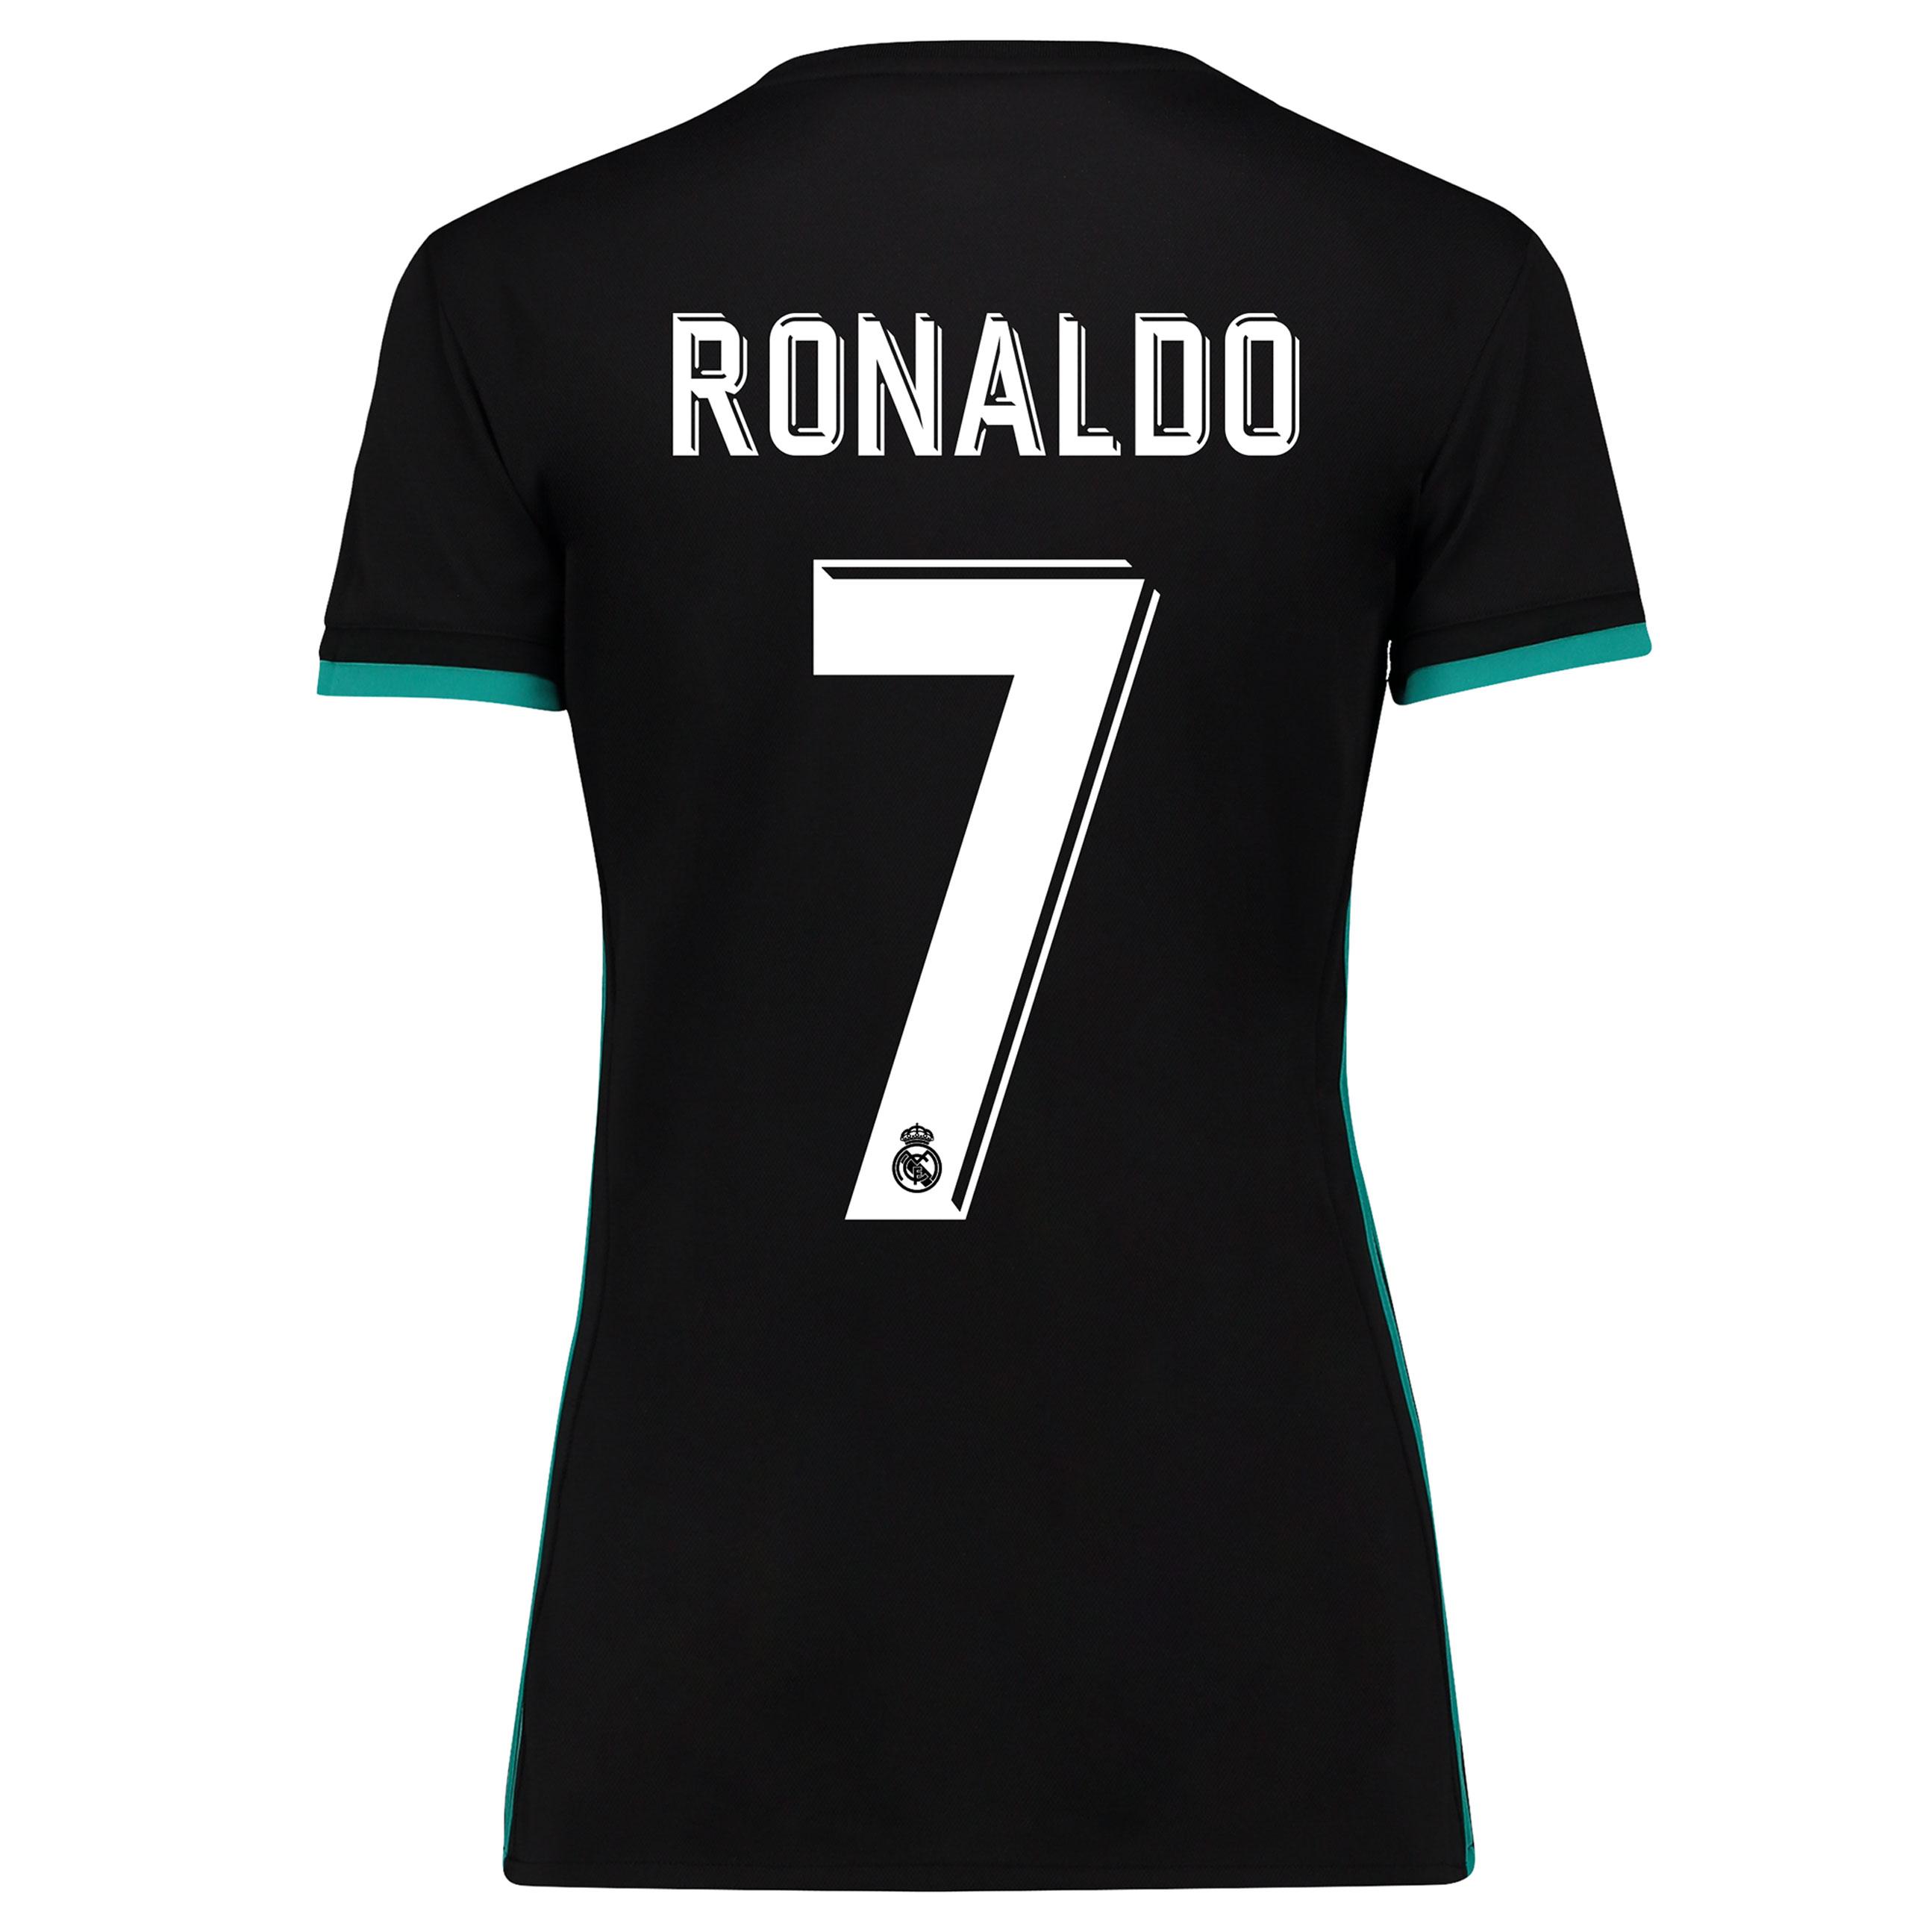 Camiseta de Ronaldo 7 de mujer en manga corta - 2ª equipación del Real Madrid 2017/18